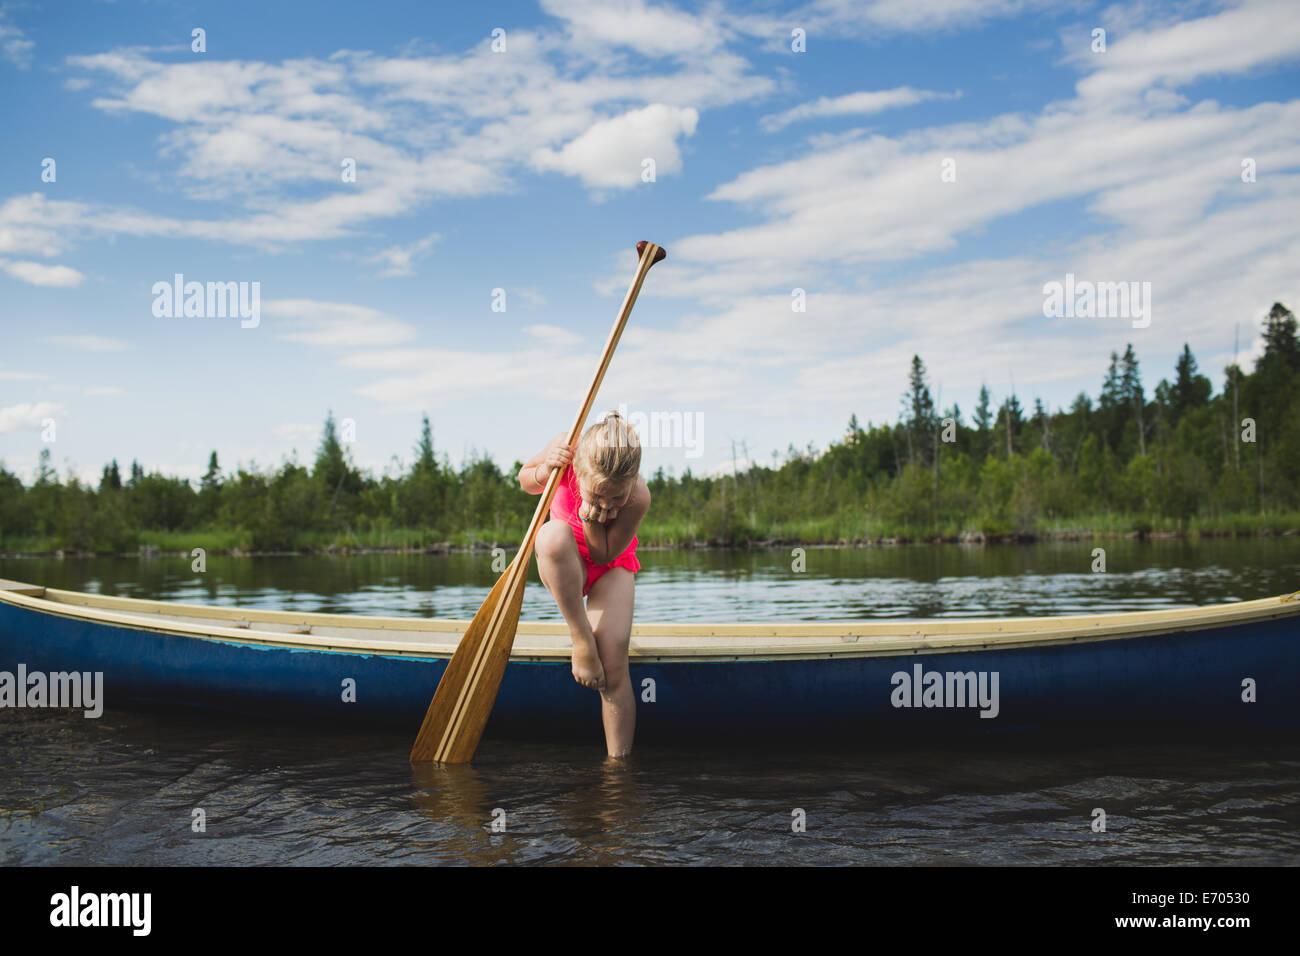 Curioso ragazza guardando verso il basso in corrispondenza di acqua nel fiume indiano, Ontario, Canada Immagini Stock